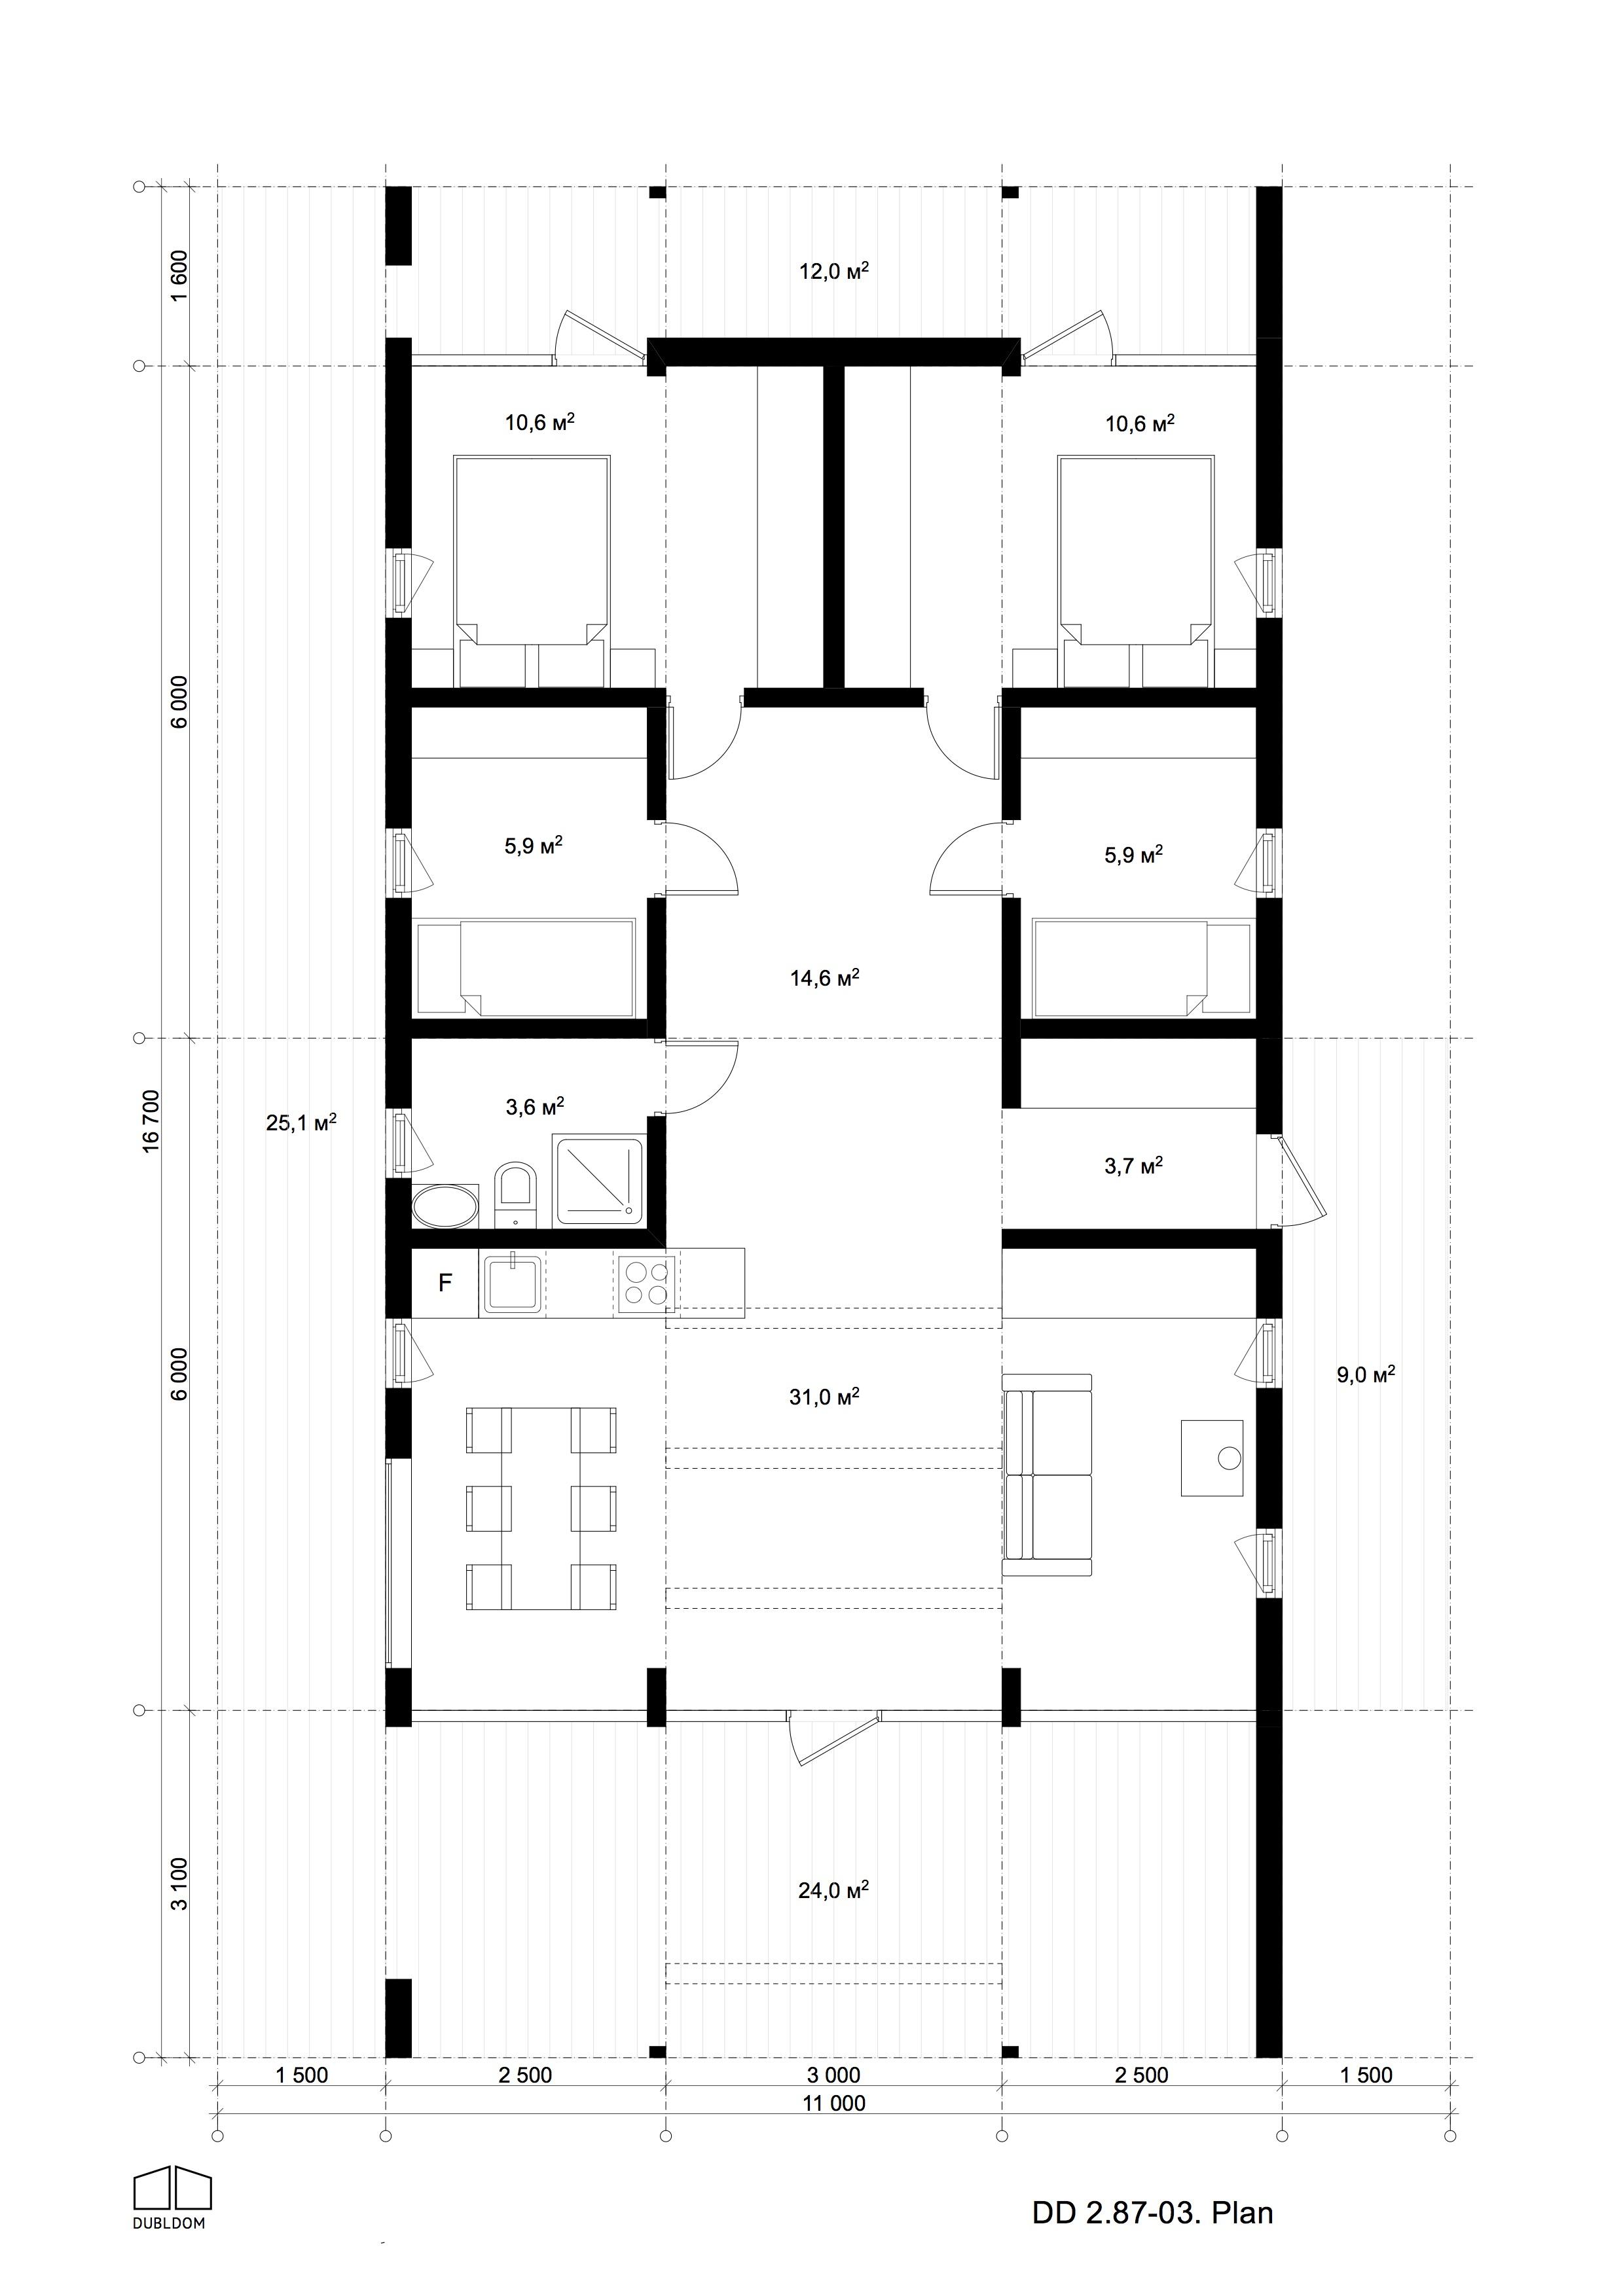 Elektrischer Plan Eines Hauses - escortbayan.us - Home Design Ideen ...